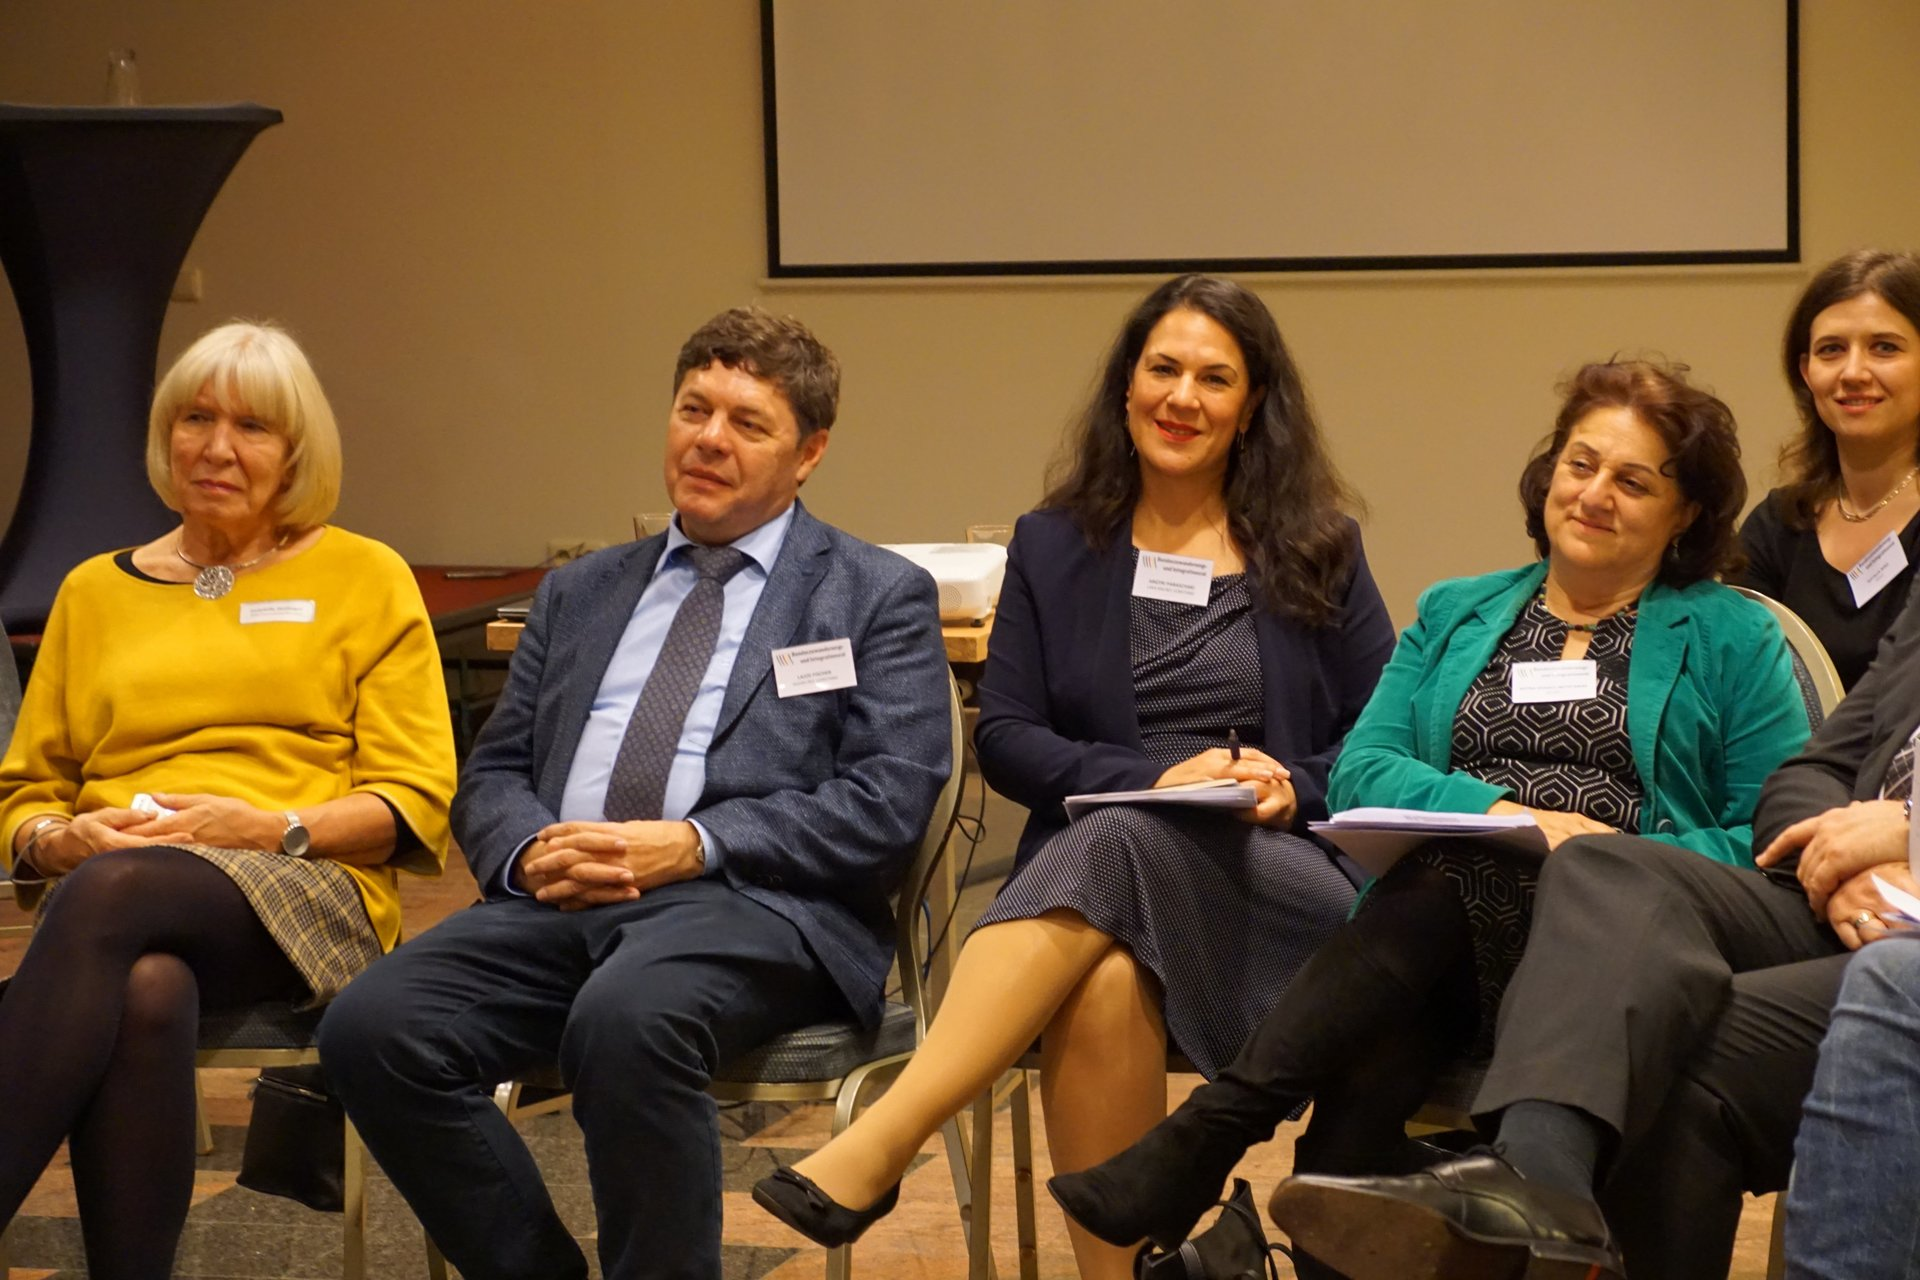 """BZI Fachtagung, 17. November 2018, in Berlin """"In Vielfalt leben: Vielfalt für die Demokratie mobilisieren"""""""